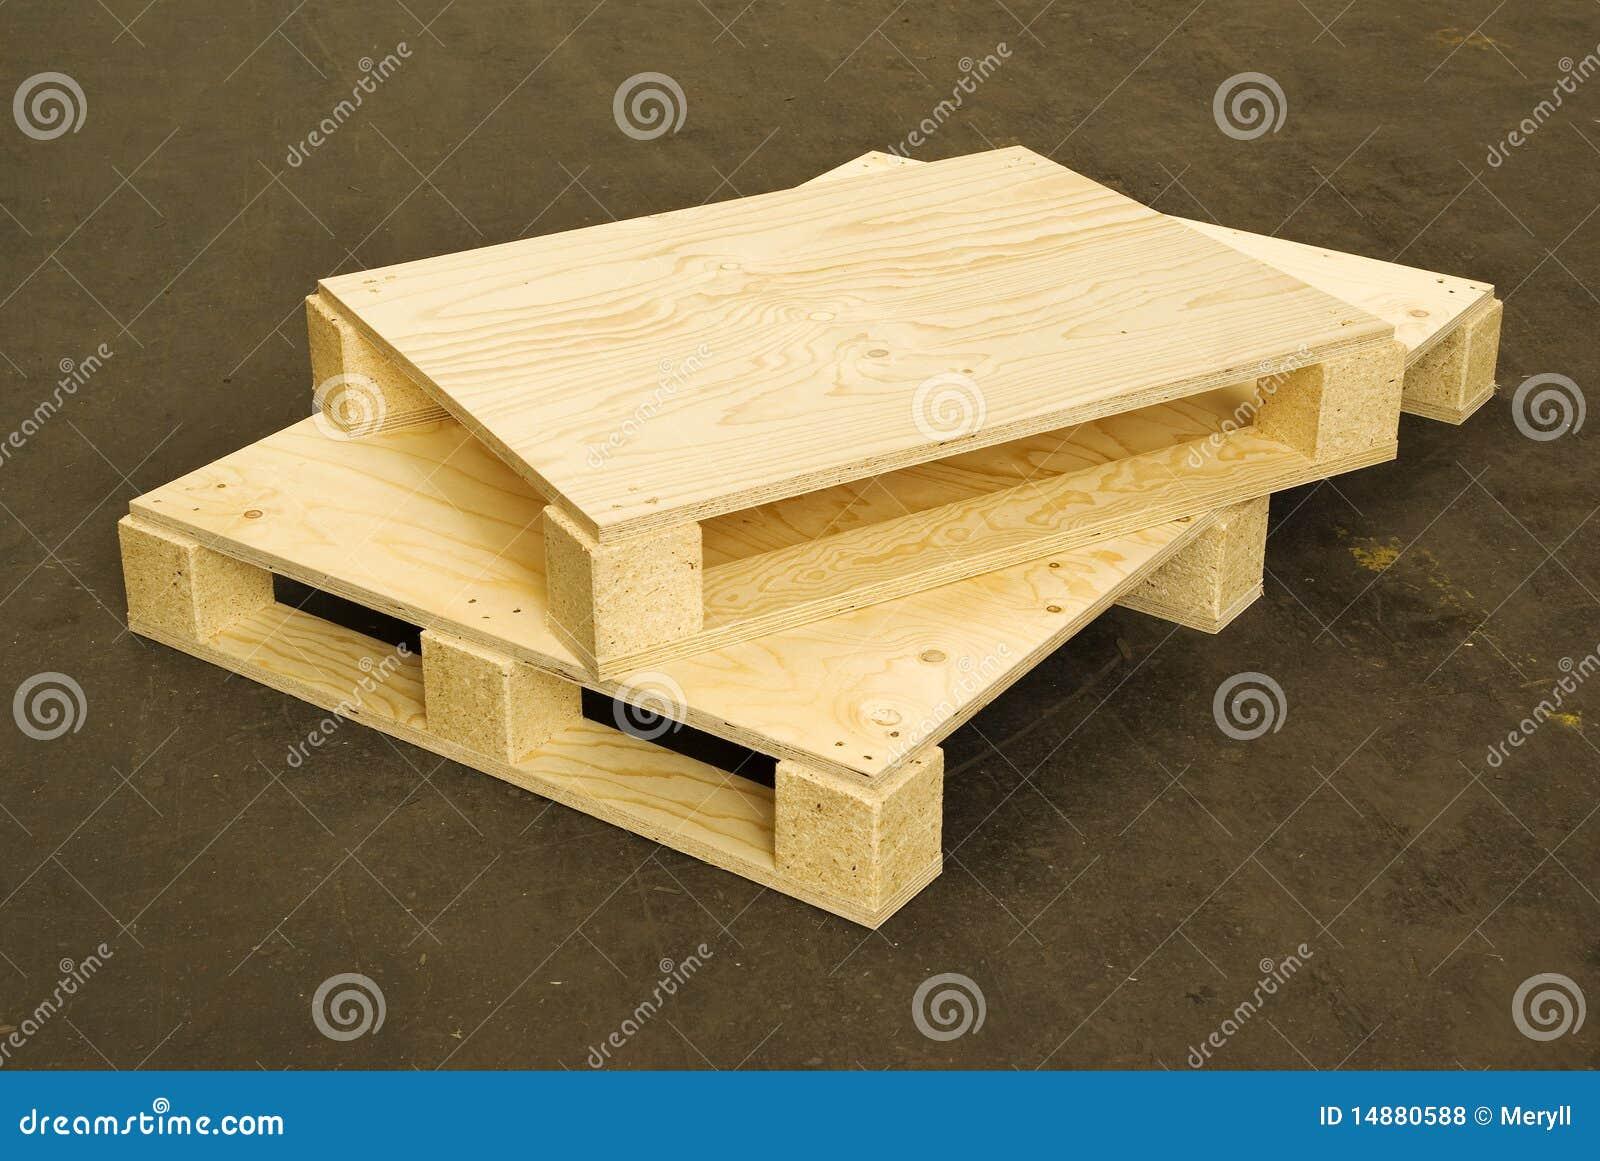 Houten pallets logistiek lading stock foto afbeelding 14880588 - Foto houten pallet ...